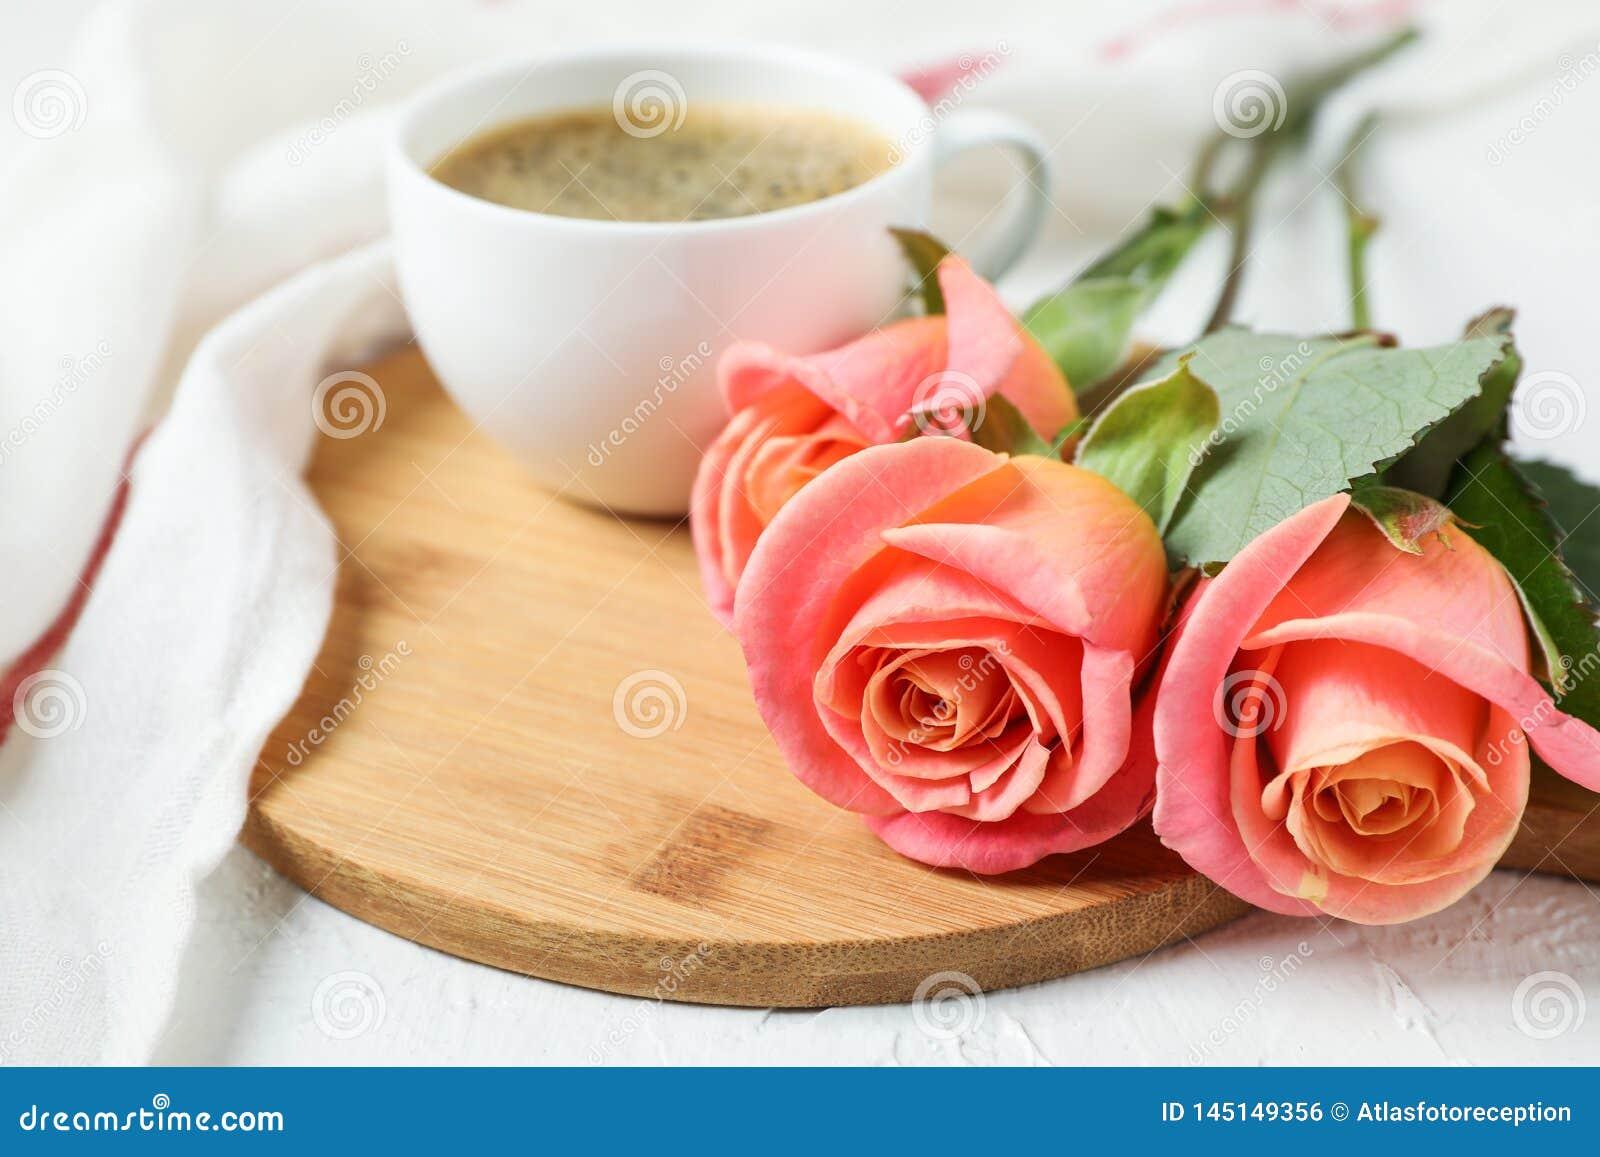 Composición con la taza de café, de rosas y de toalla de cocina en el fondo blanco